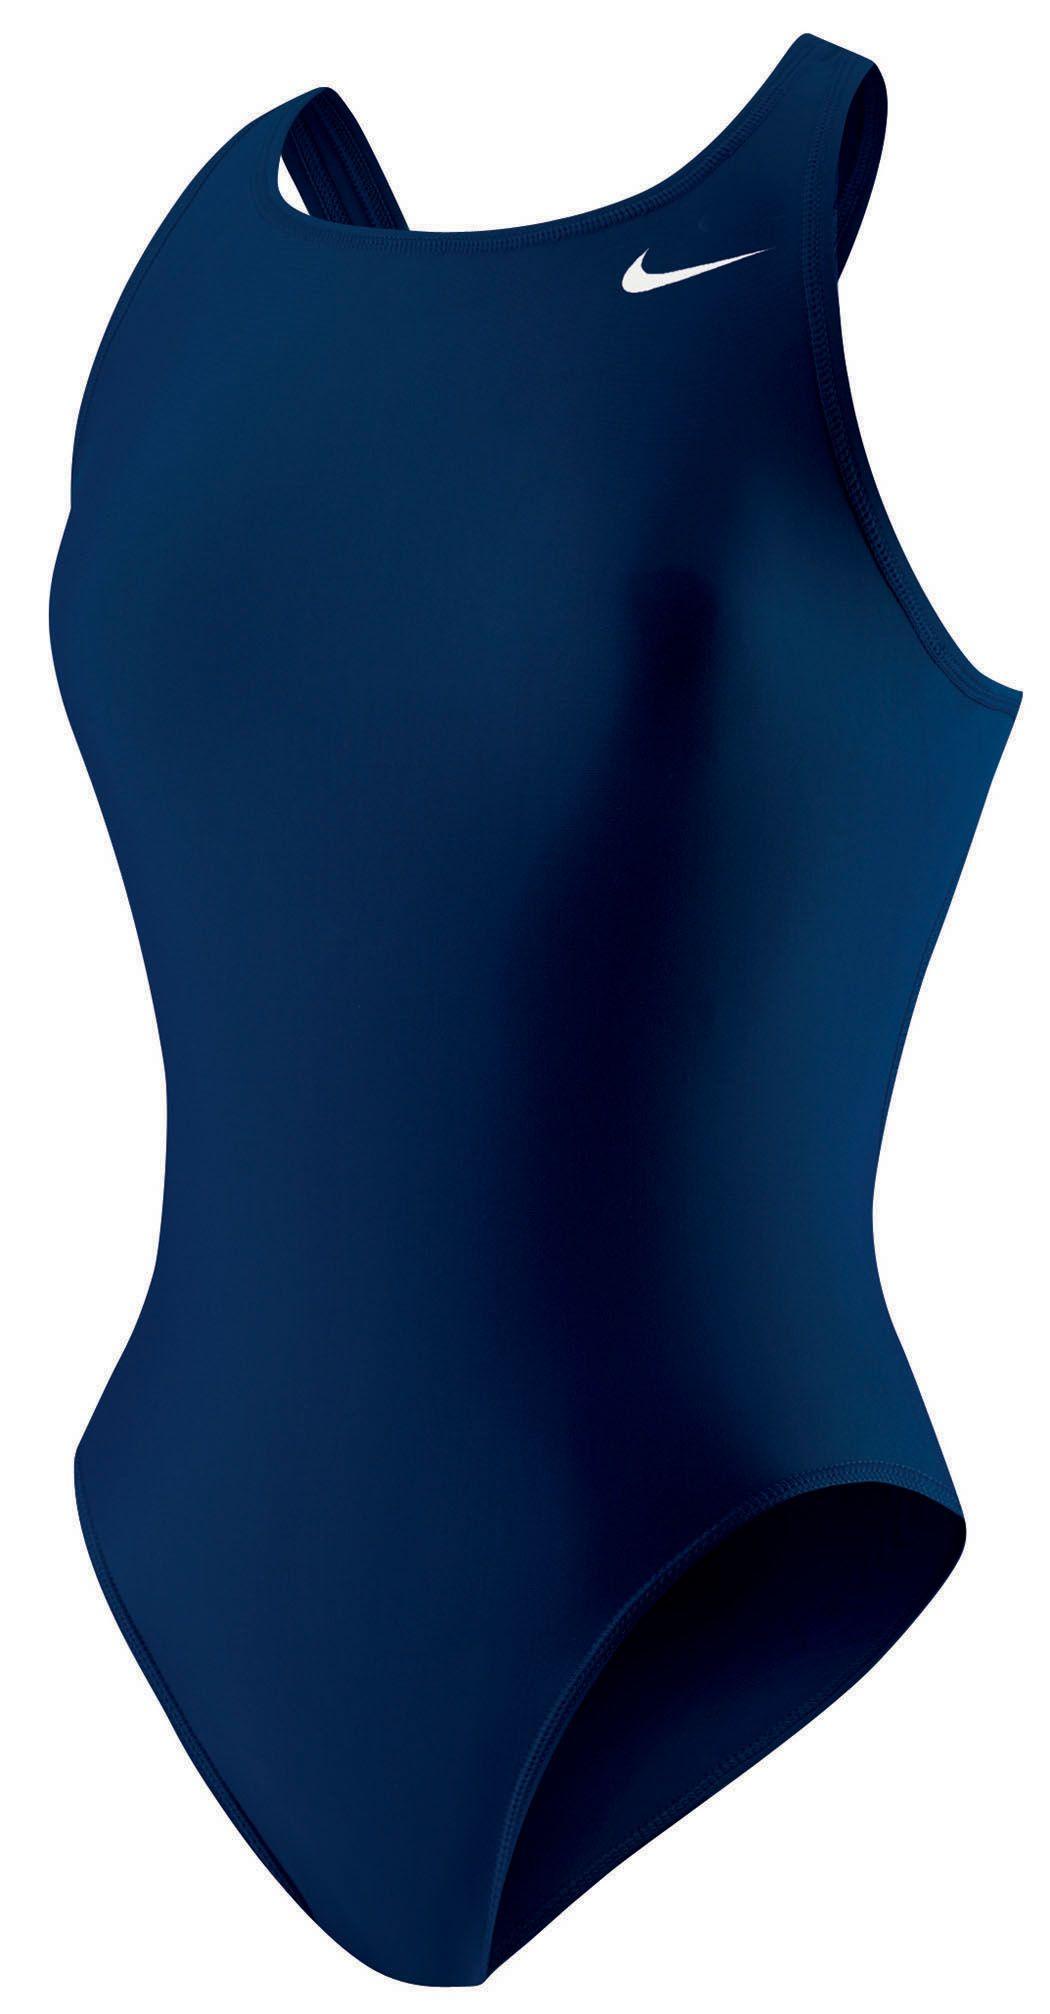 ba15355ec New Nike Swimwear! Poly Core Sol Fastback | Girls Swimsuits | Nike ...